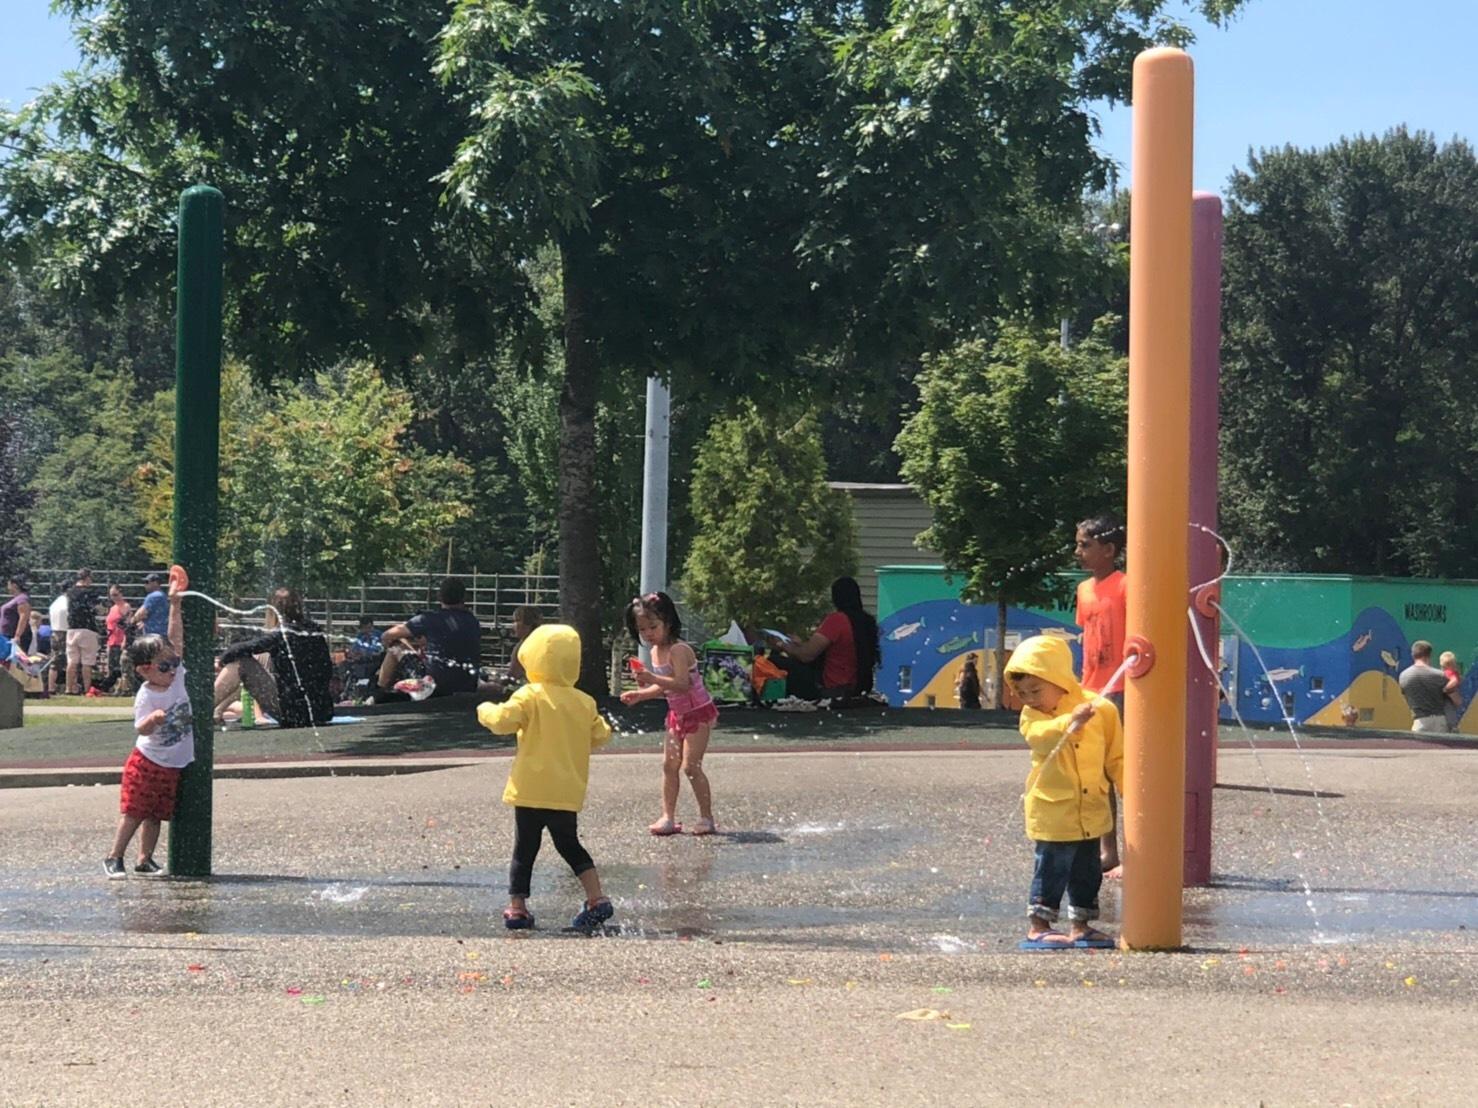 ▲如果要帶孩子去溫哥華玩,李培禎推薦可以去體驗公園裡的設施。